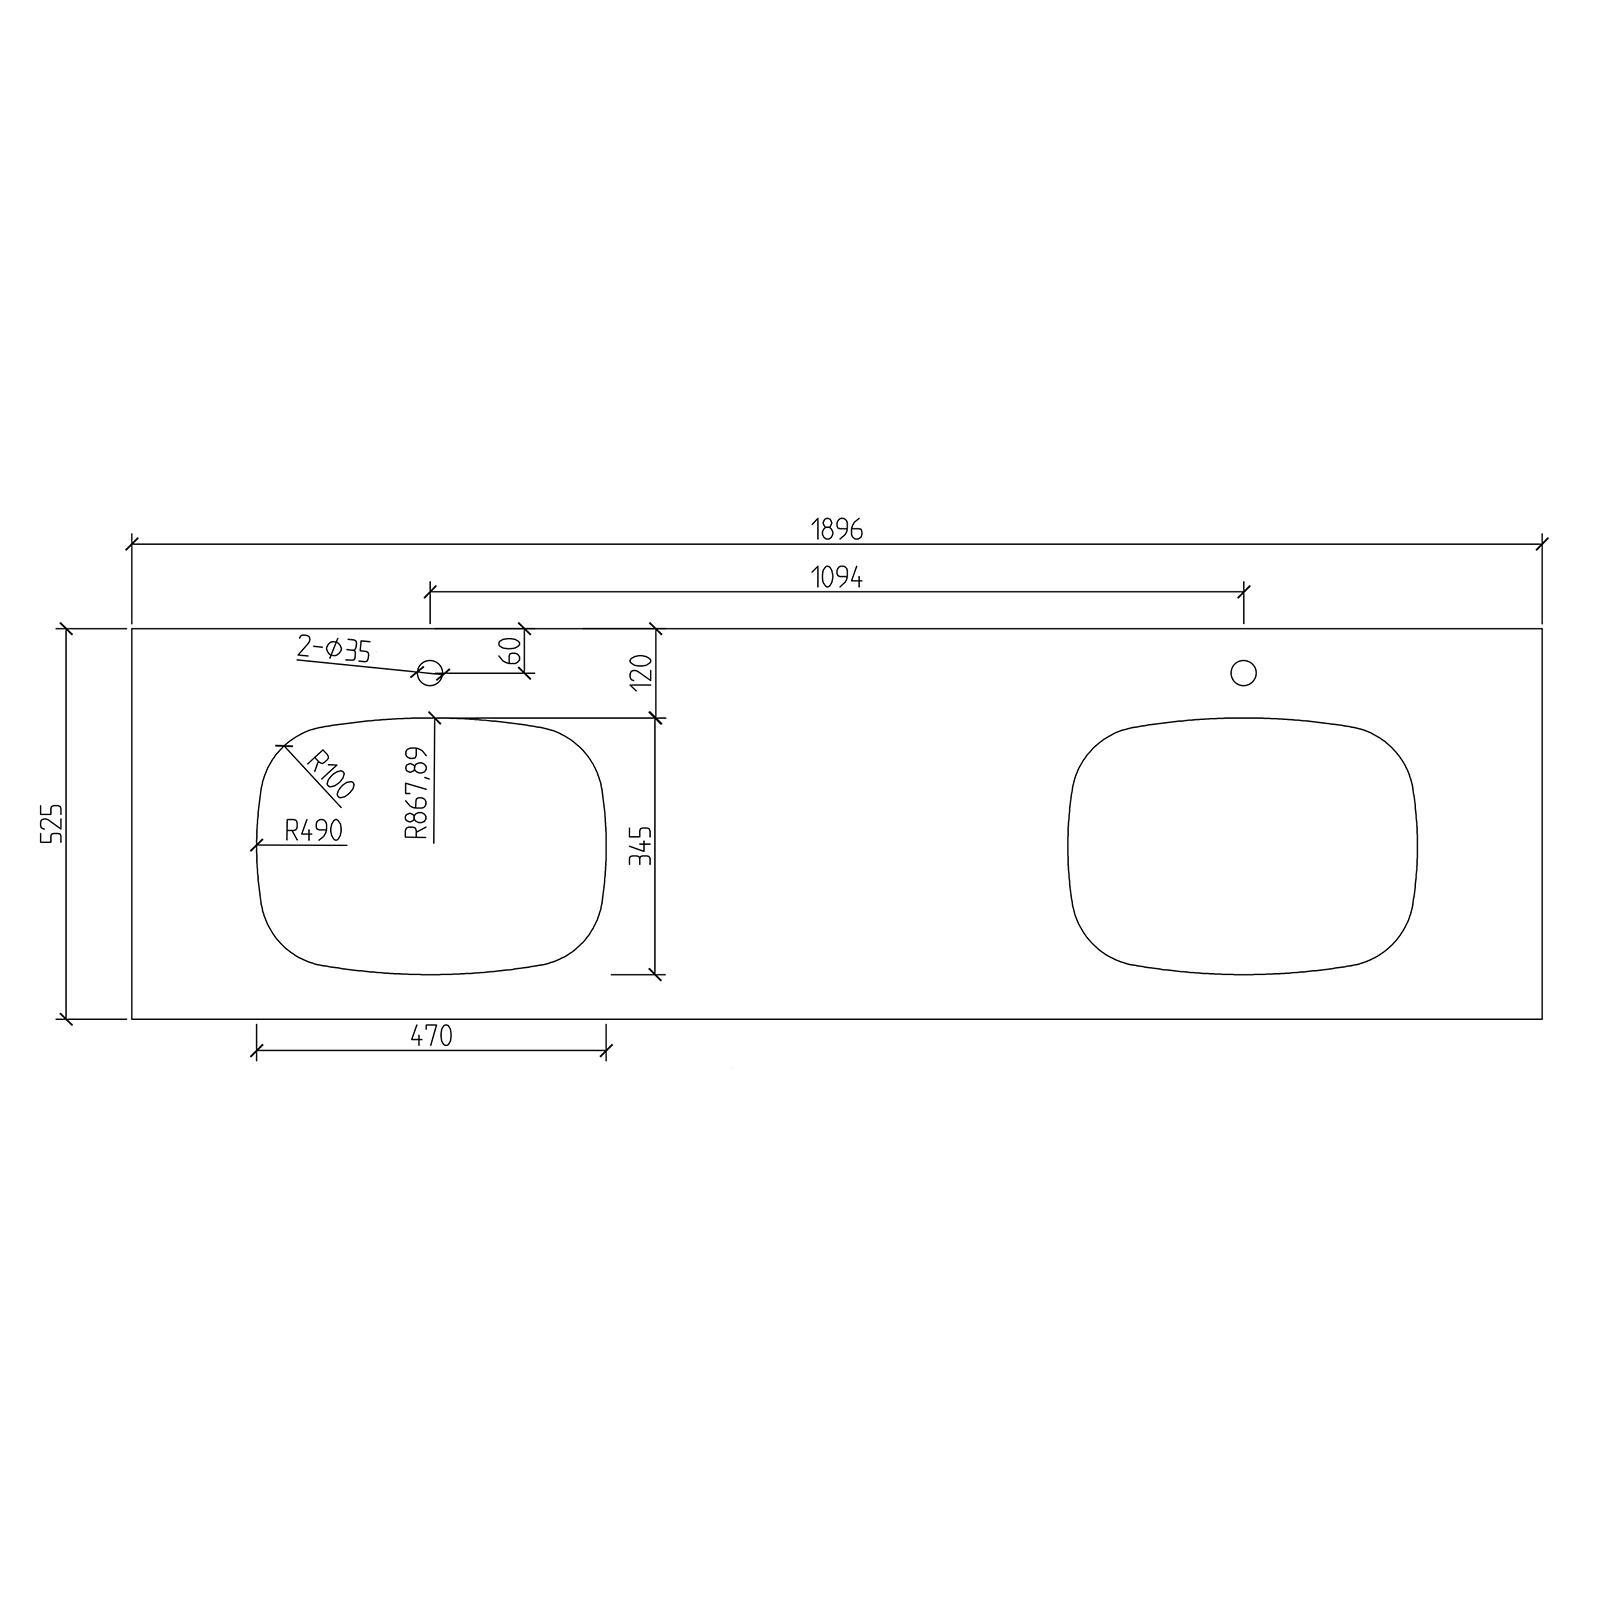 Inalco 1900 Countertop  - Drawing